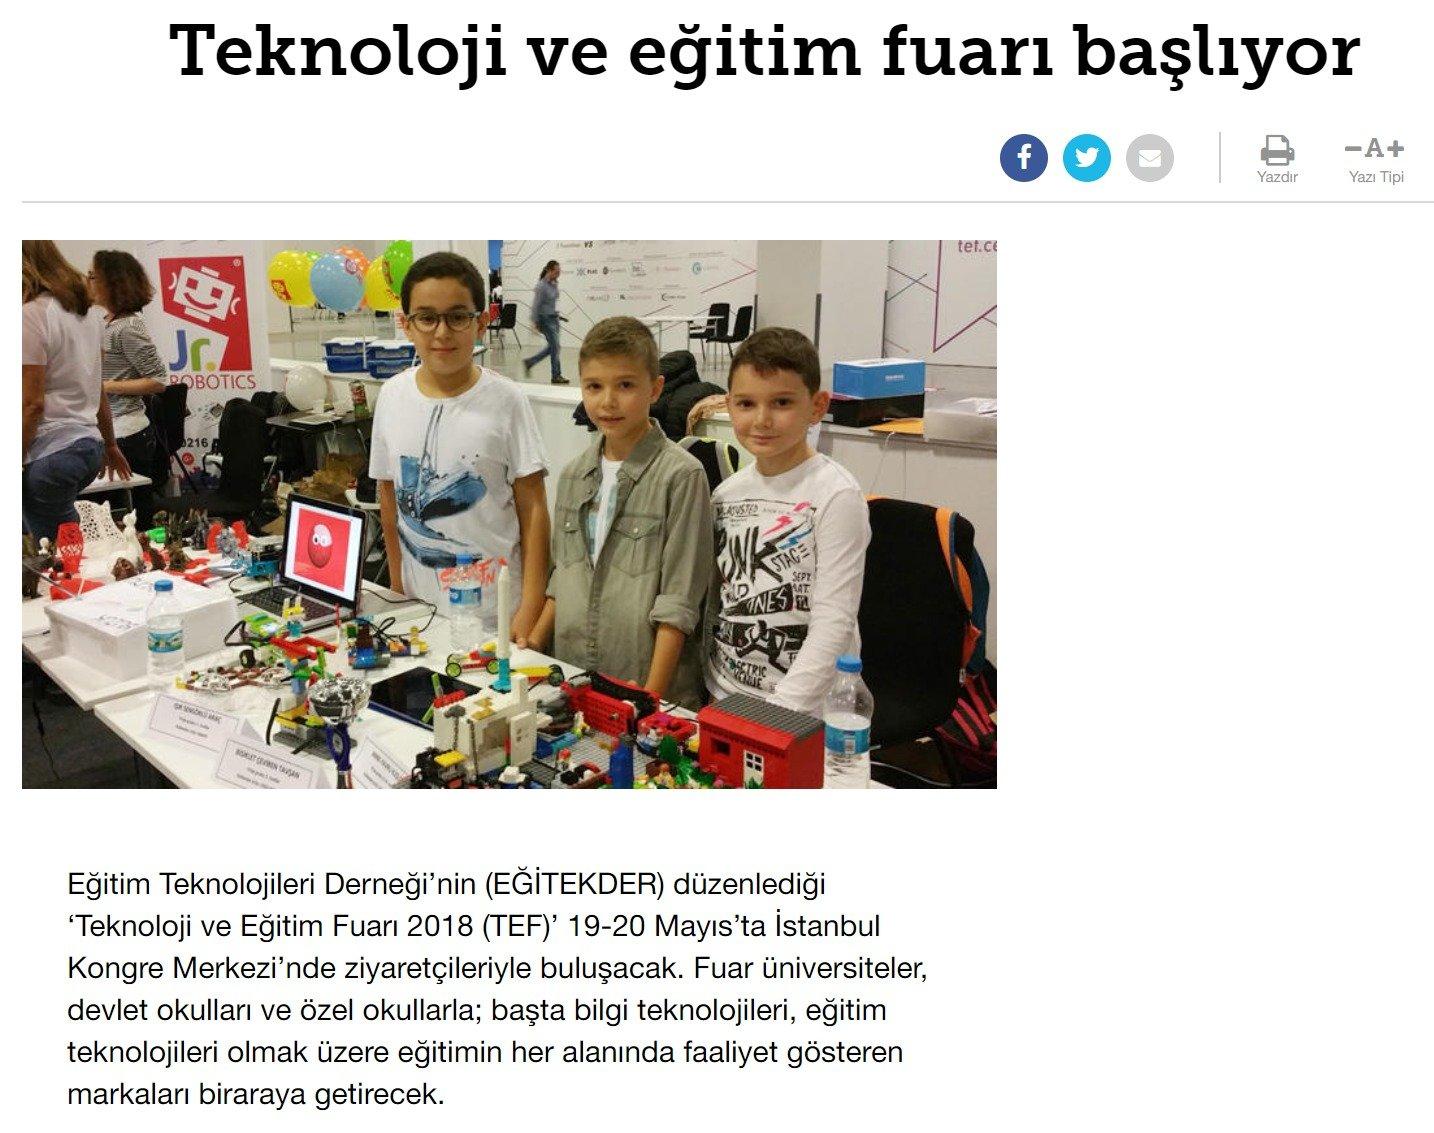 Teknoloji ve Eğitim Fuarı'nda STEM